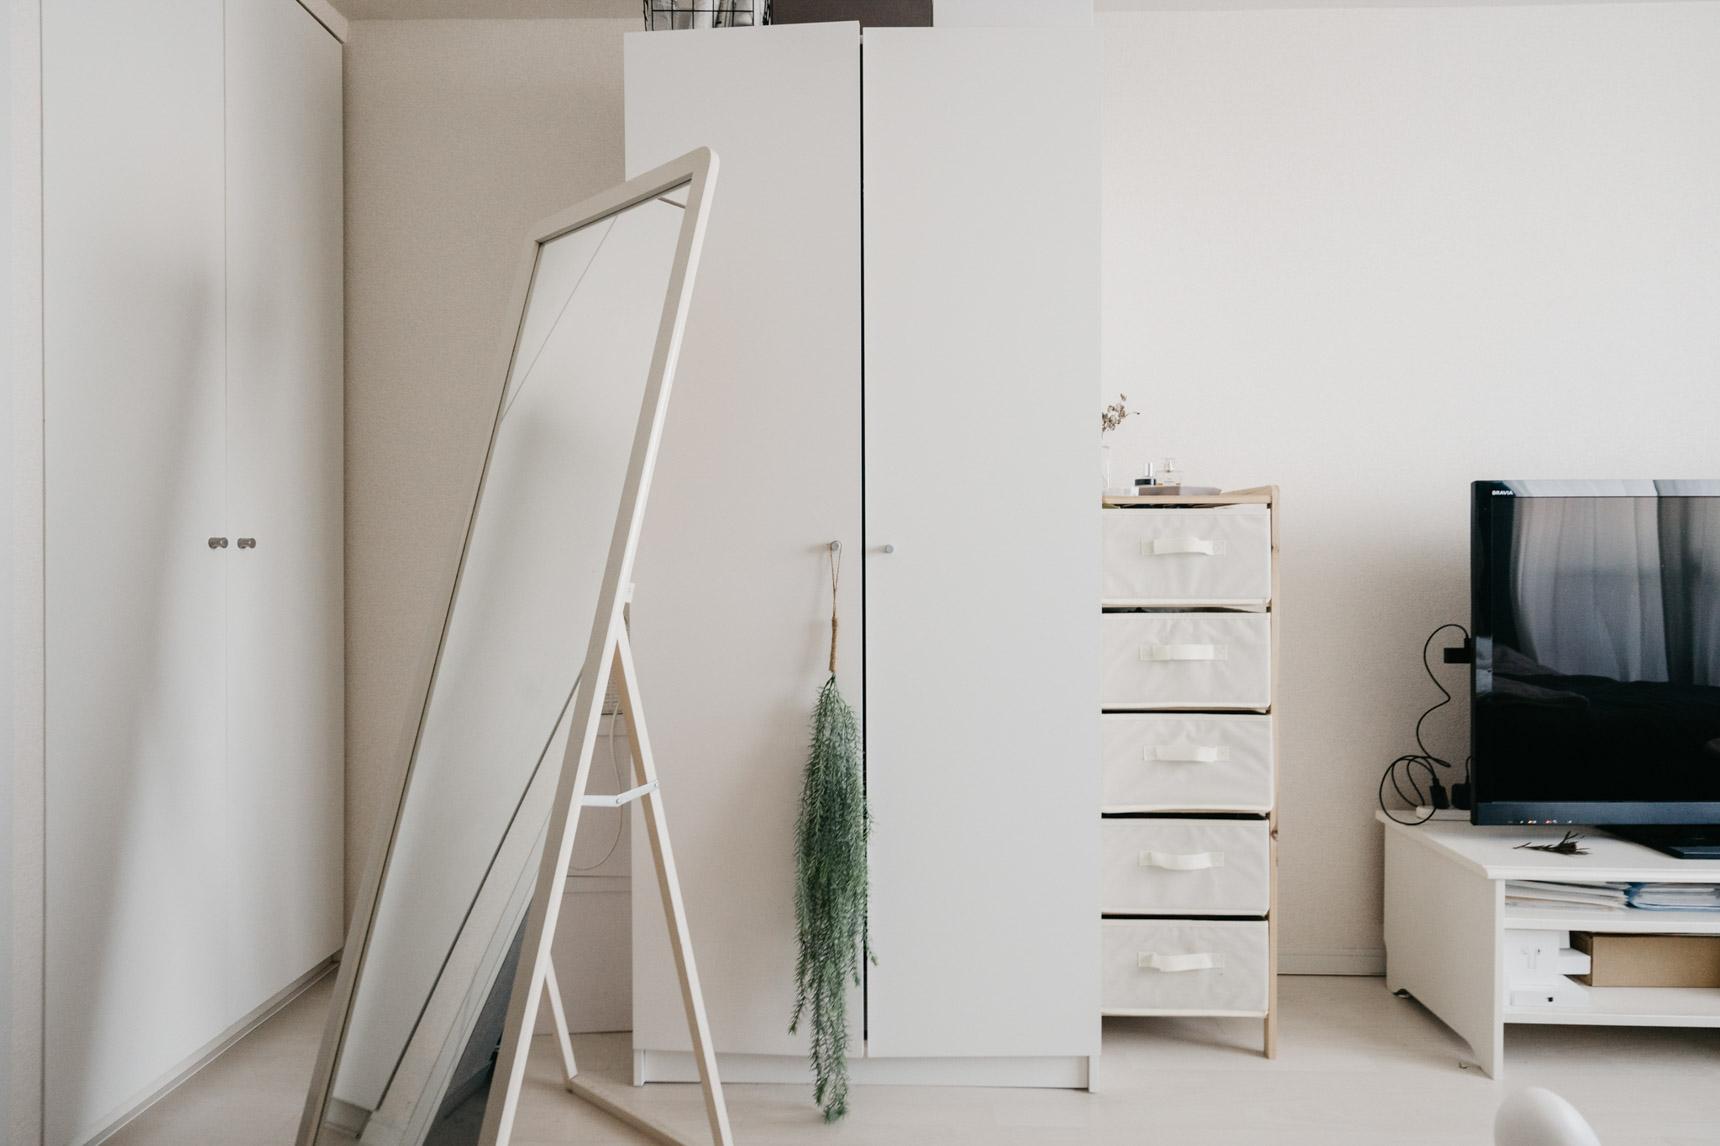 「大きな家具は白を選ぶ」のもA5さんのお部屋のルール。 少ない収納を補うために、やはりIKEAで購入されたという大きめのクローゼットを置かれているのですが、「大きいものは白」のルールのおかげで、ほとんど圧迫感がありません。偶然にも、備え付けのクローゼット(左側)とほぼ同じデザイン。洋服がたくさんあって収納場所に困っている人は、参考にしてみてほしいアイディア。